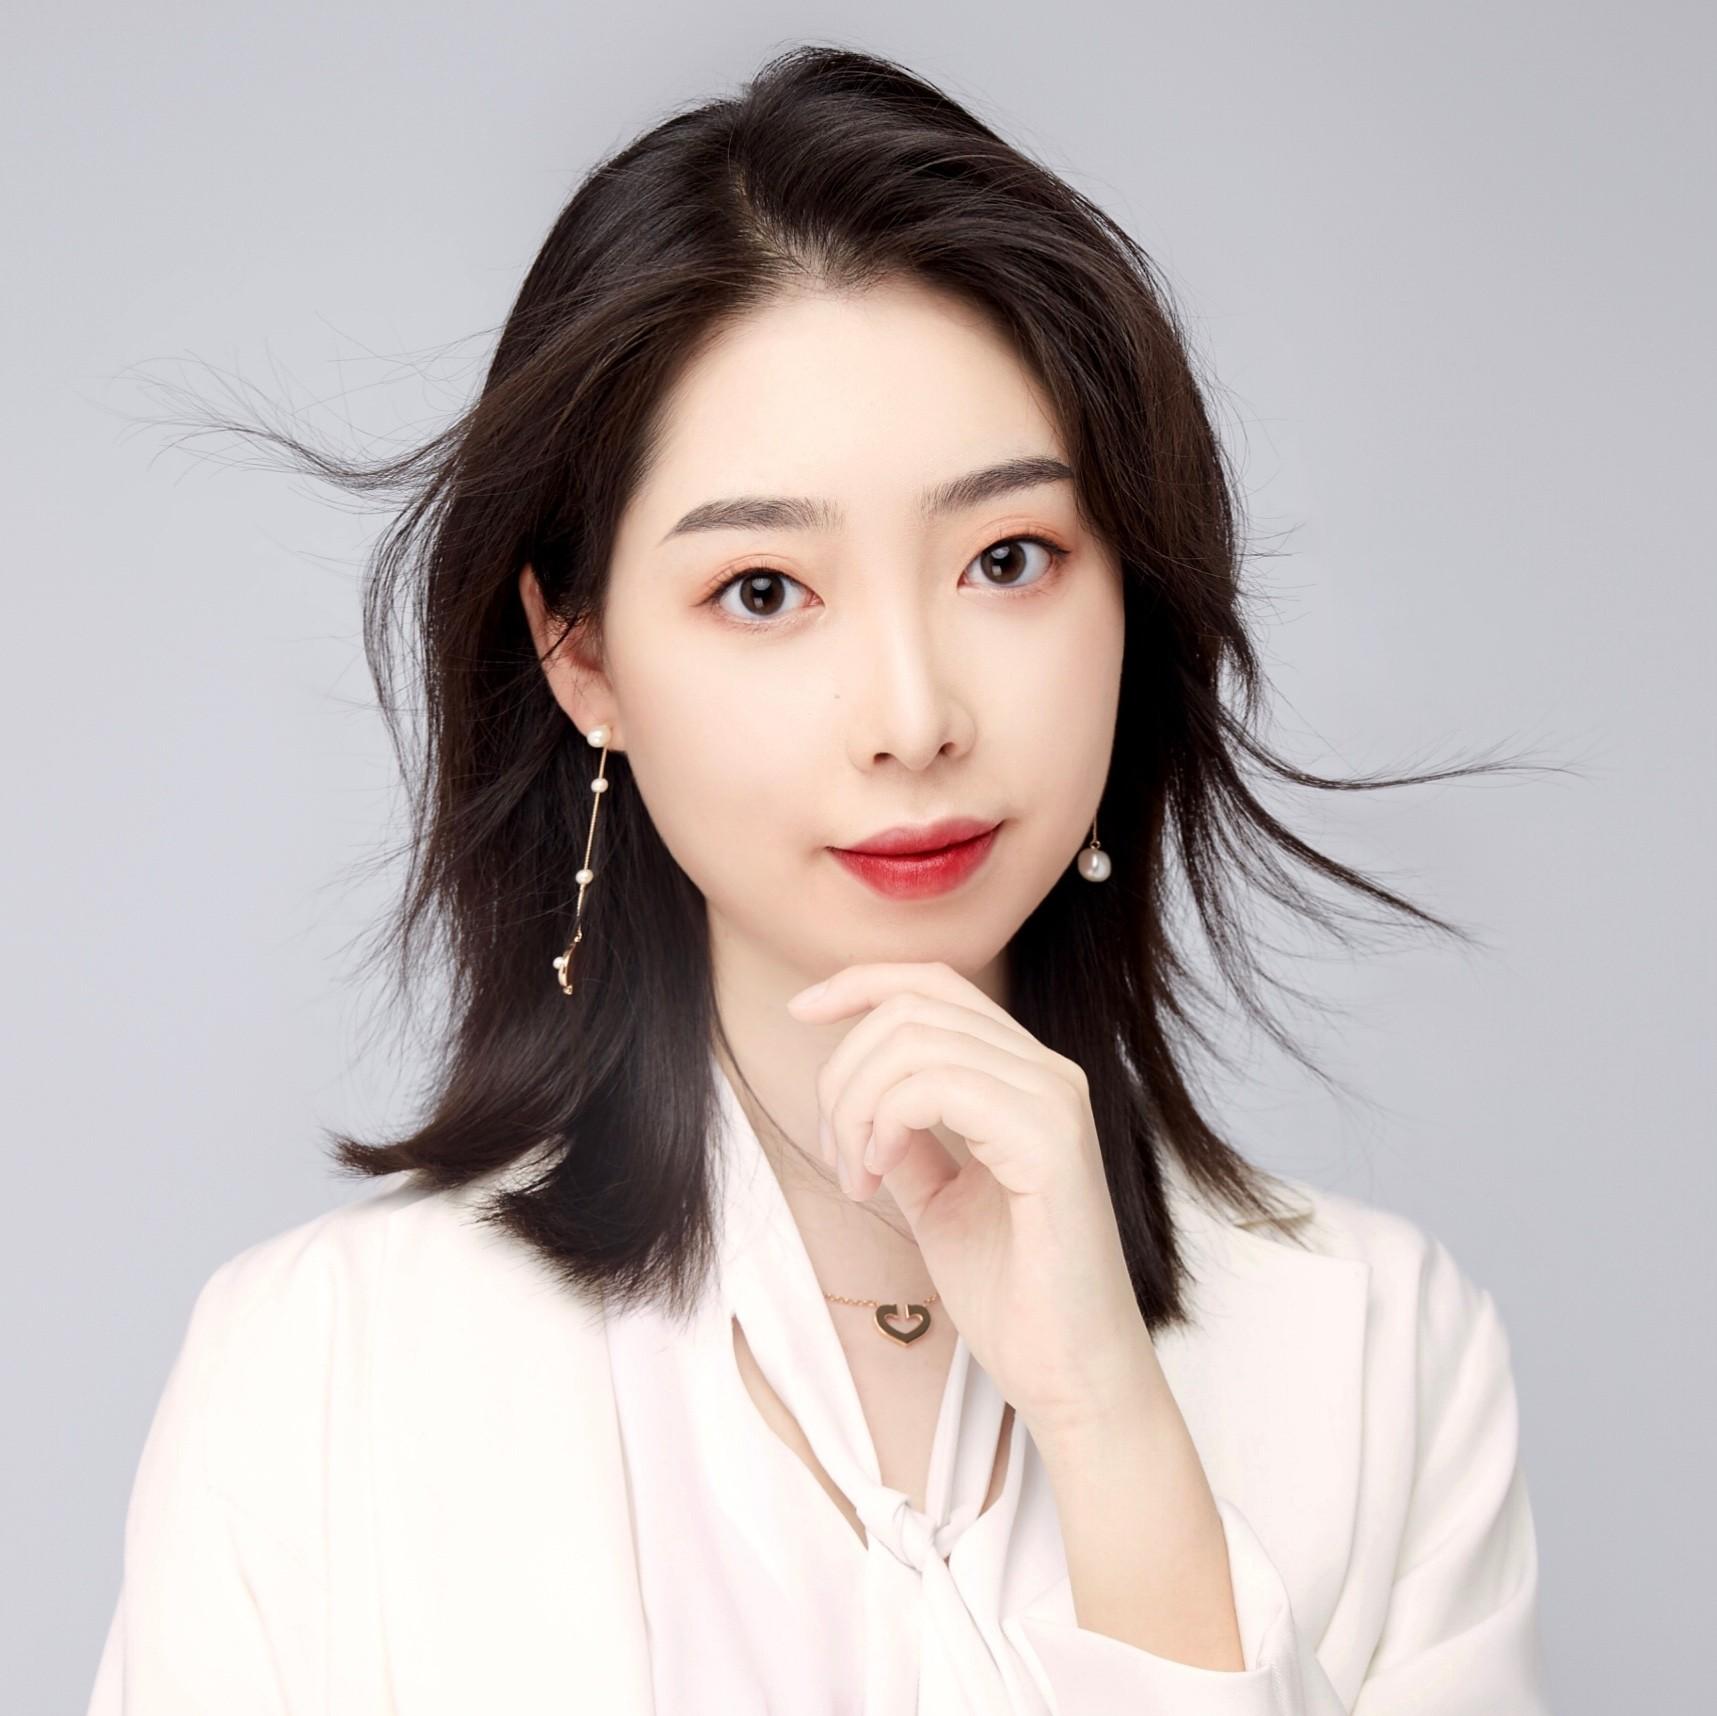 Wang Xintian